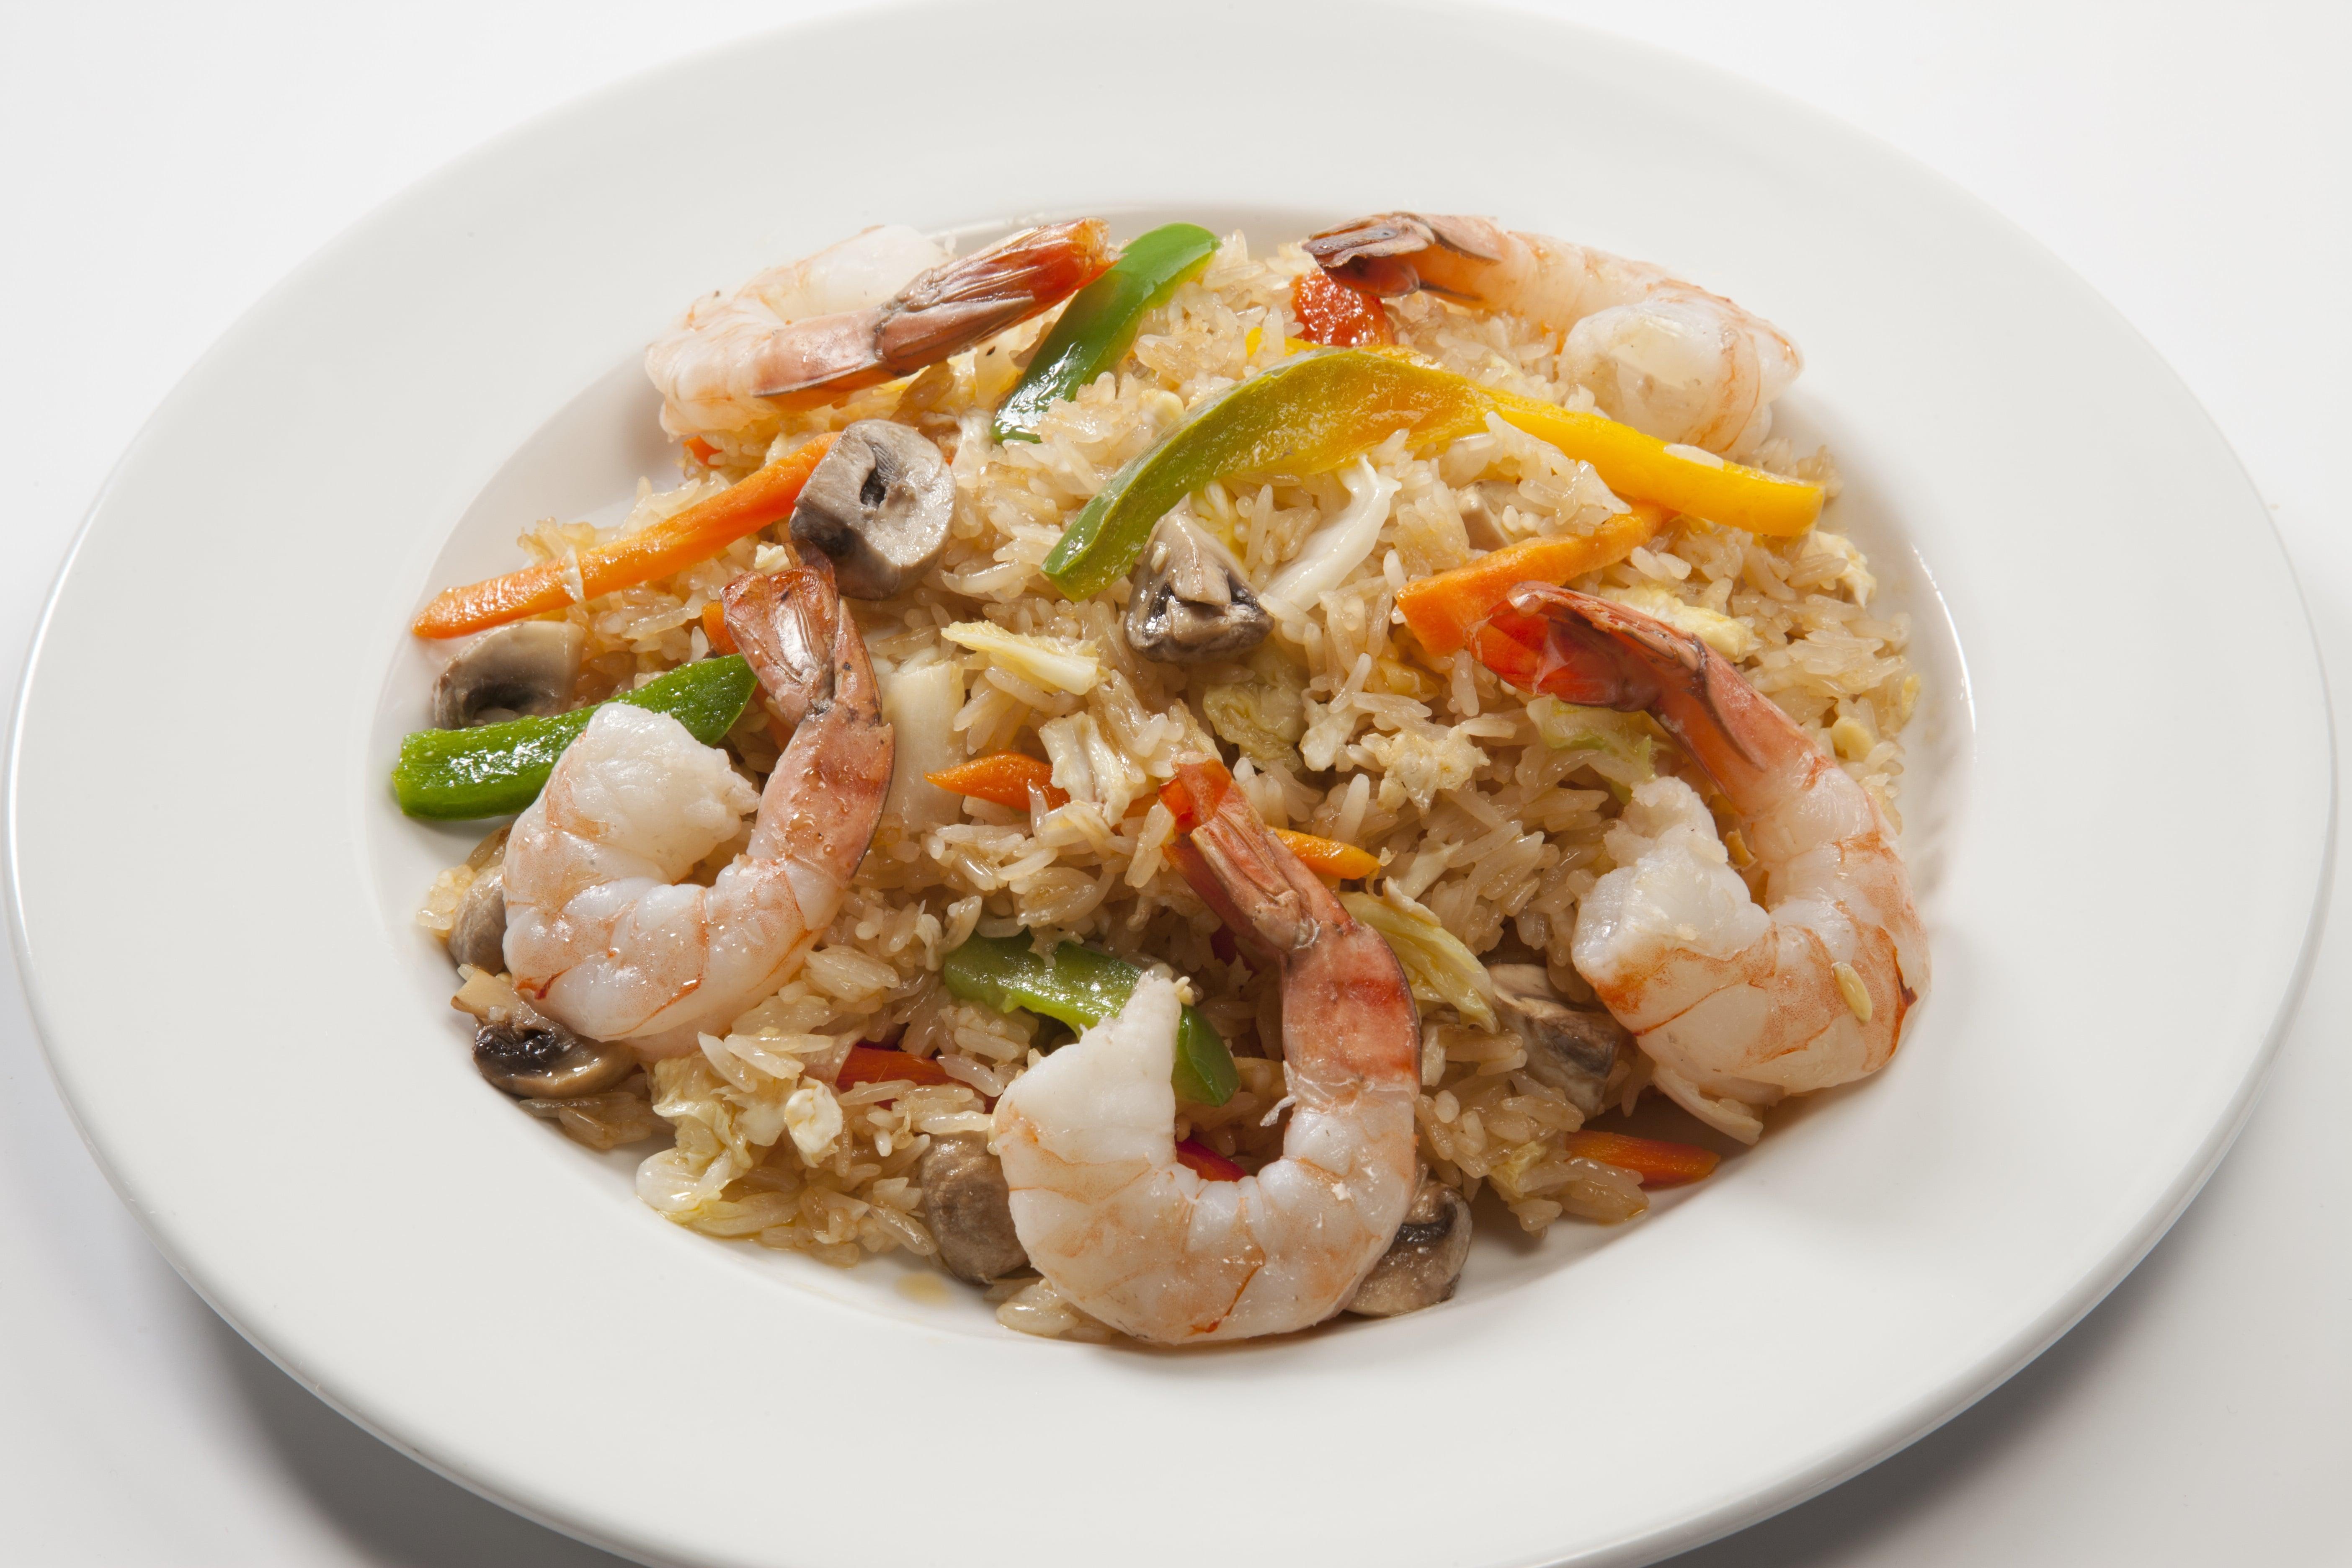 Креветки с тайским рисом и  овощами Као Пад Кунг